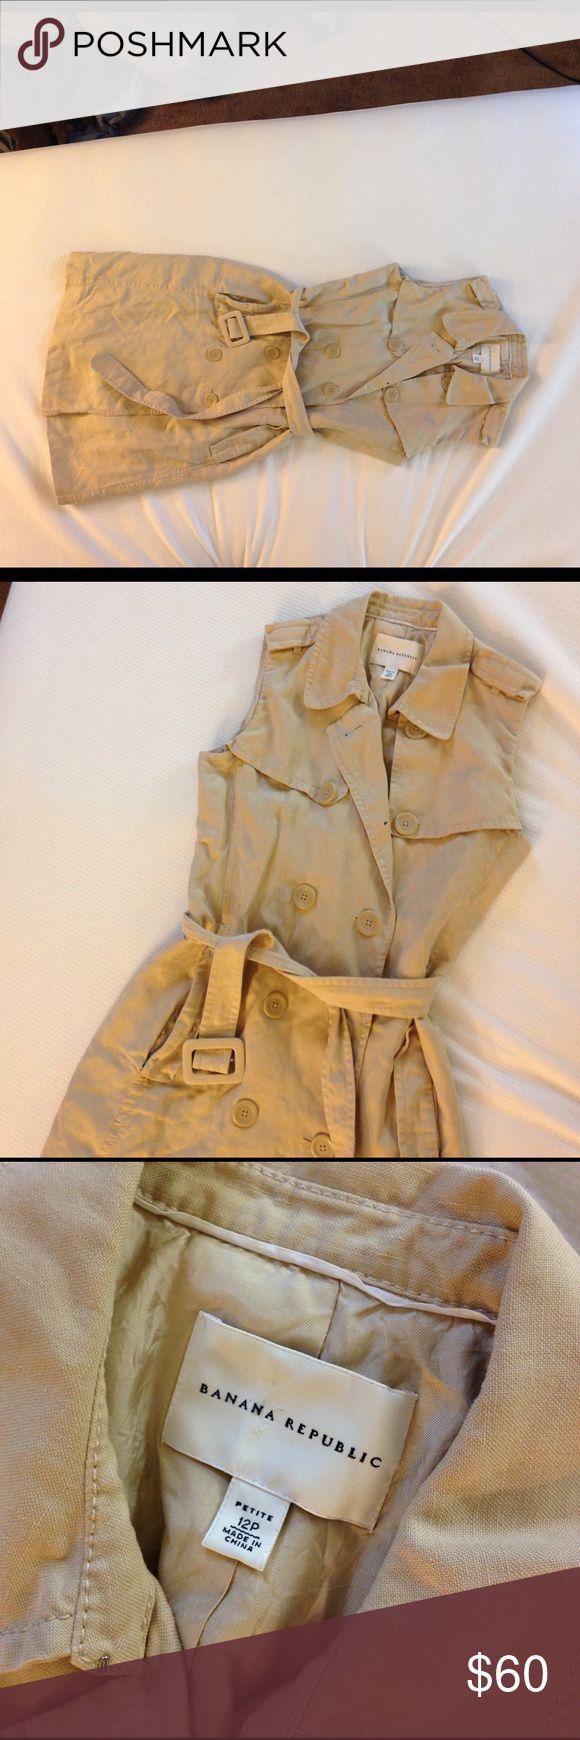 Banana Republic sleeveless trench coat size 12P Double breasted khaki trench coat. Shell: 61% linen 39% silk. Matching belt. Banana Republic Jackets & Coats Trench Coats